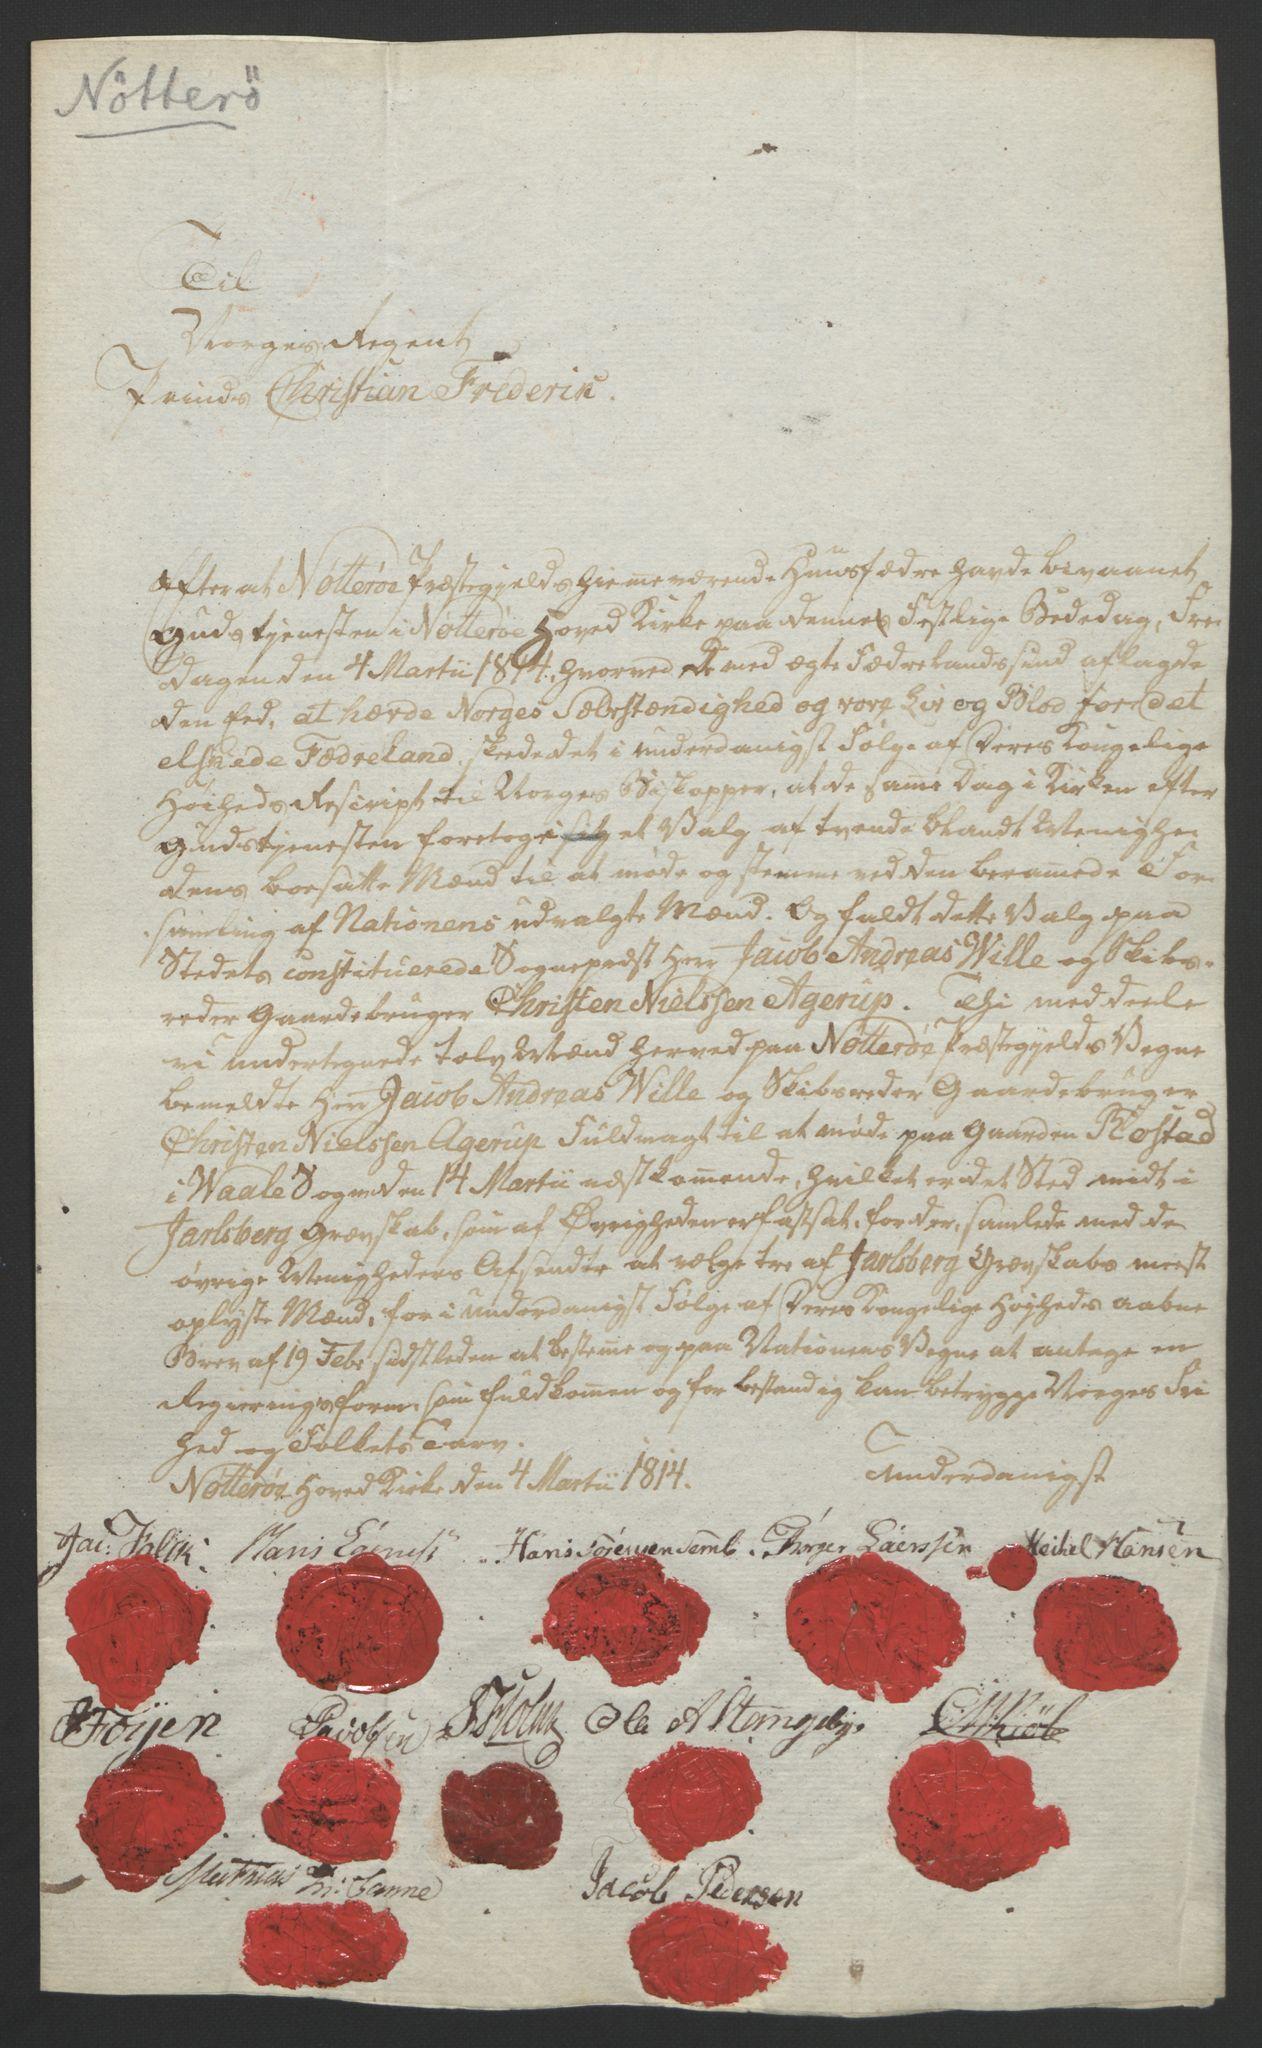 RA, Statsrådssekretariatet, D/Db/L0008: Fullmakter for Eidsvollsrepresentantene i 1814. , 1814, s. 16